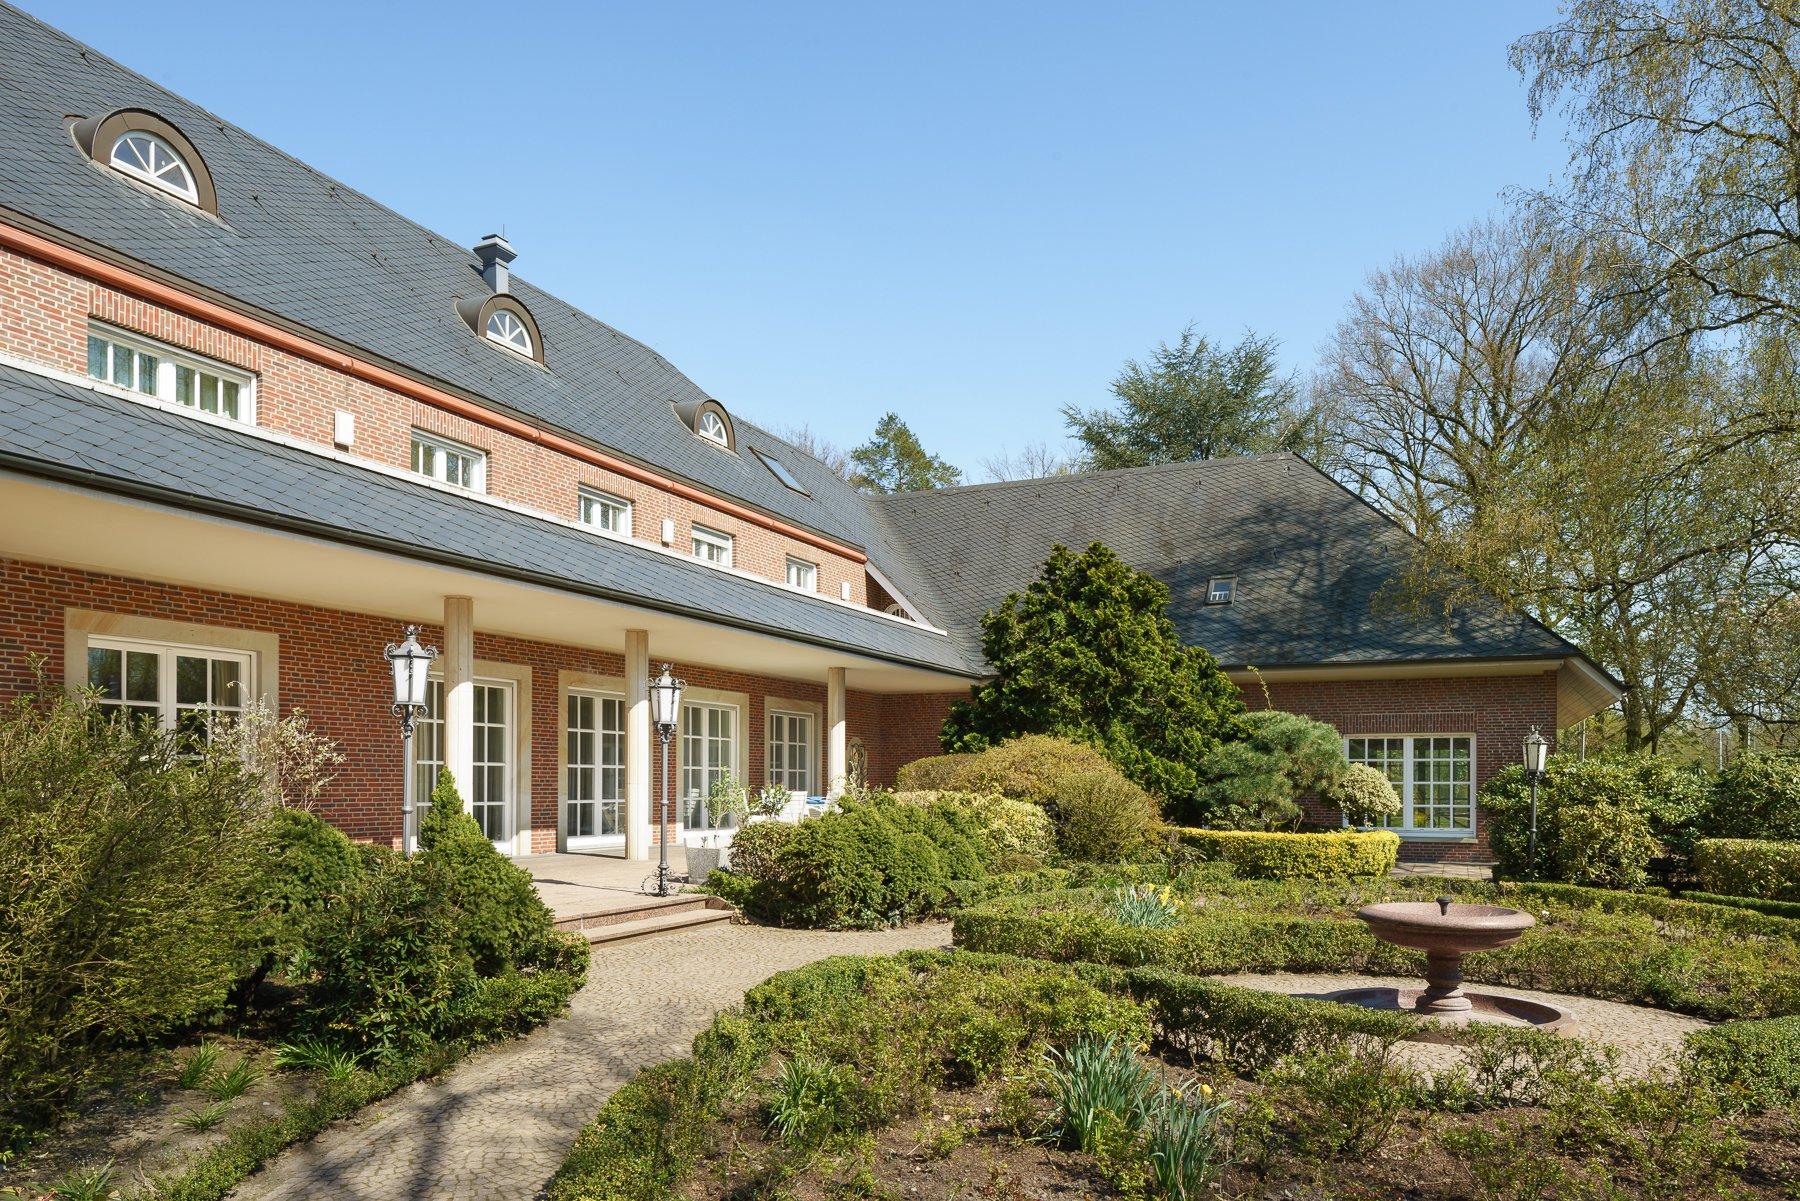 House in Telgte, North Rhine-Westphalia, Germany 1 - 11494306